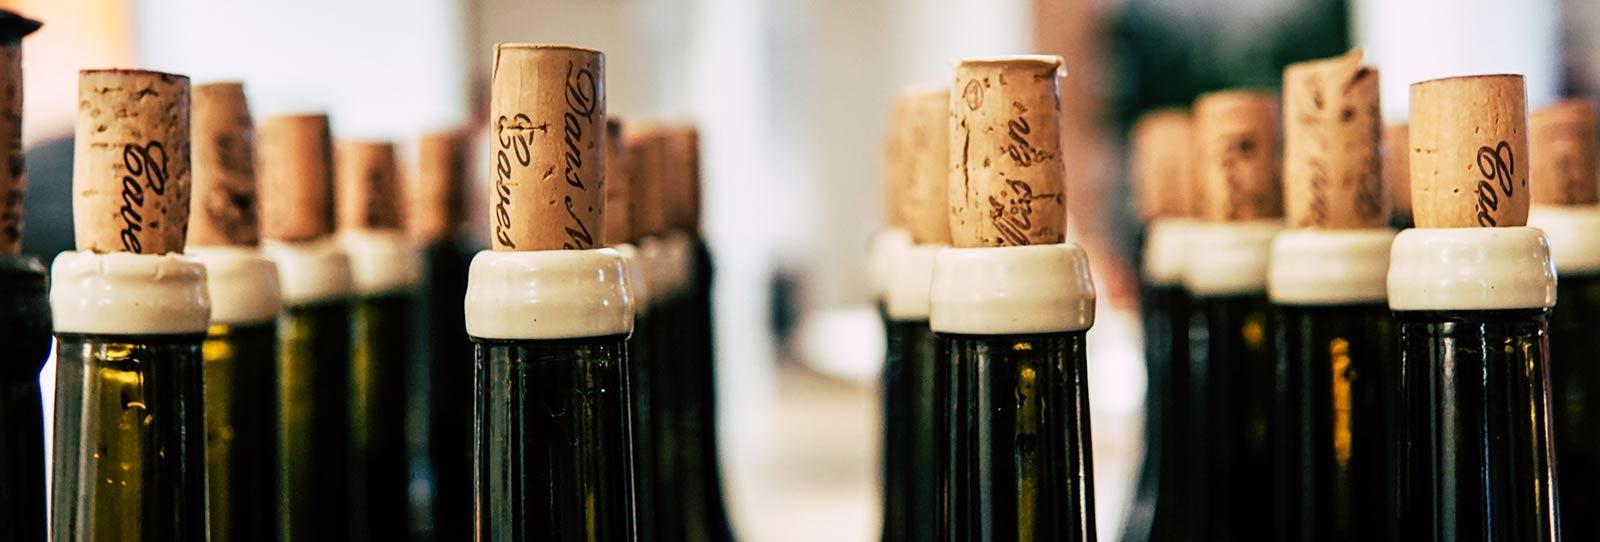 vino blanco de Galicia corcho